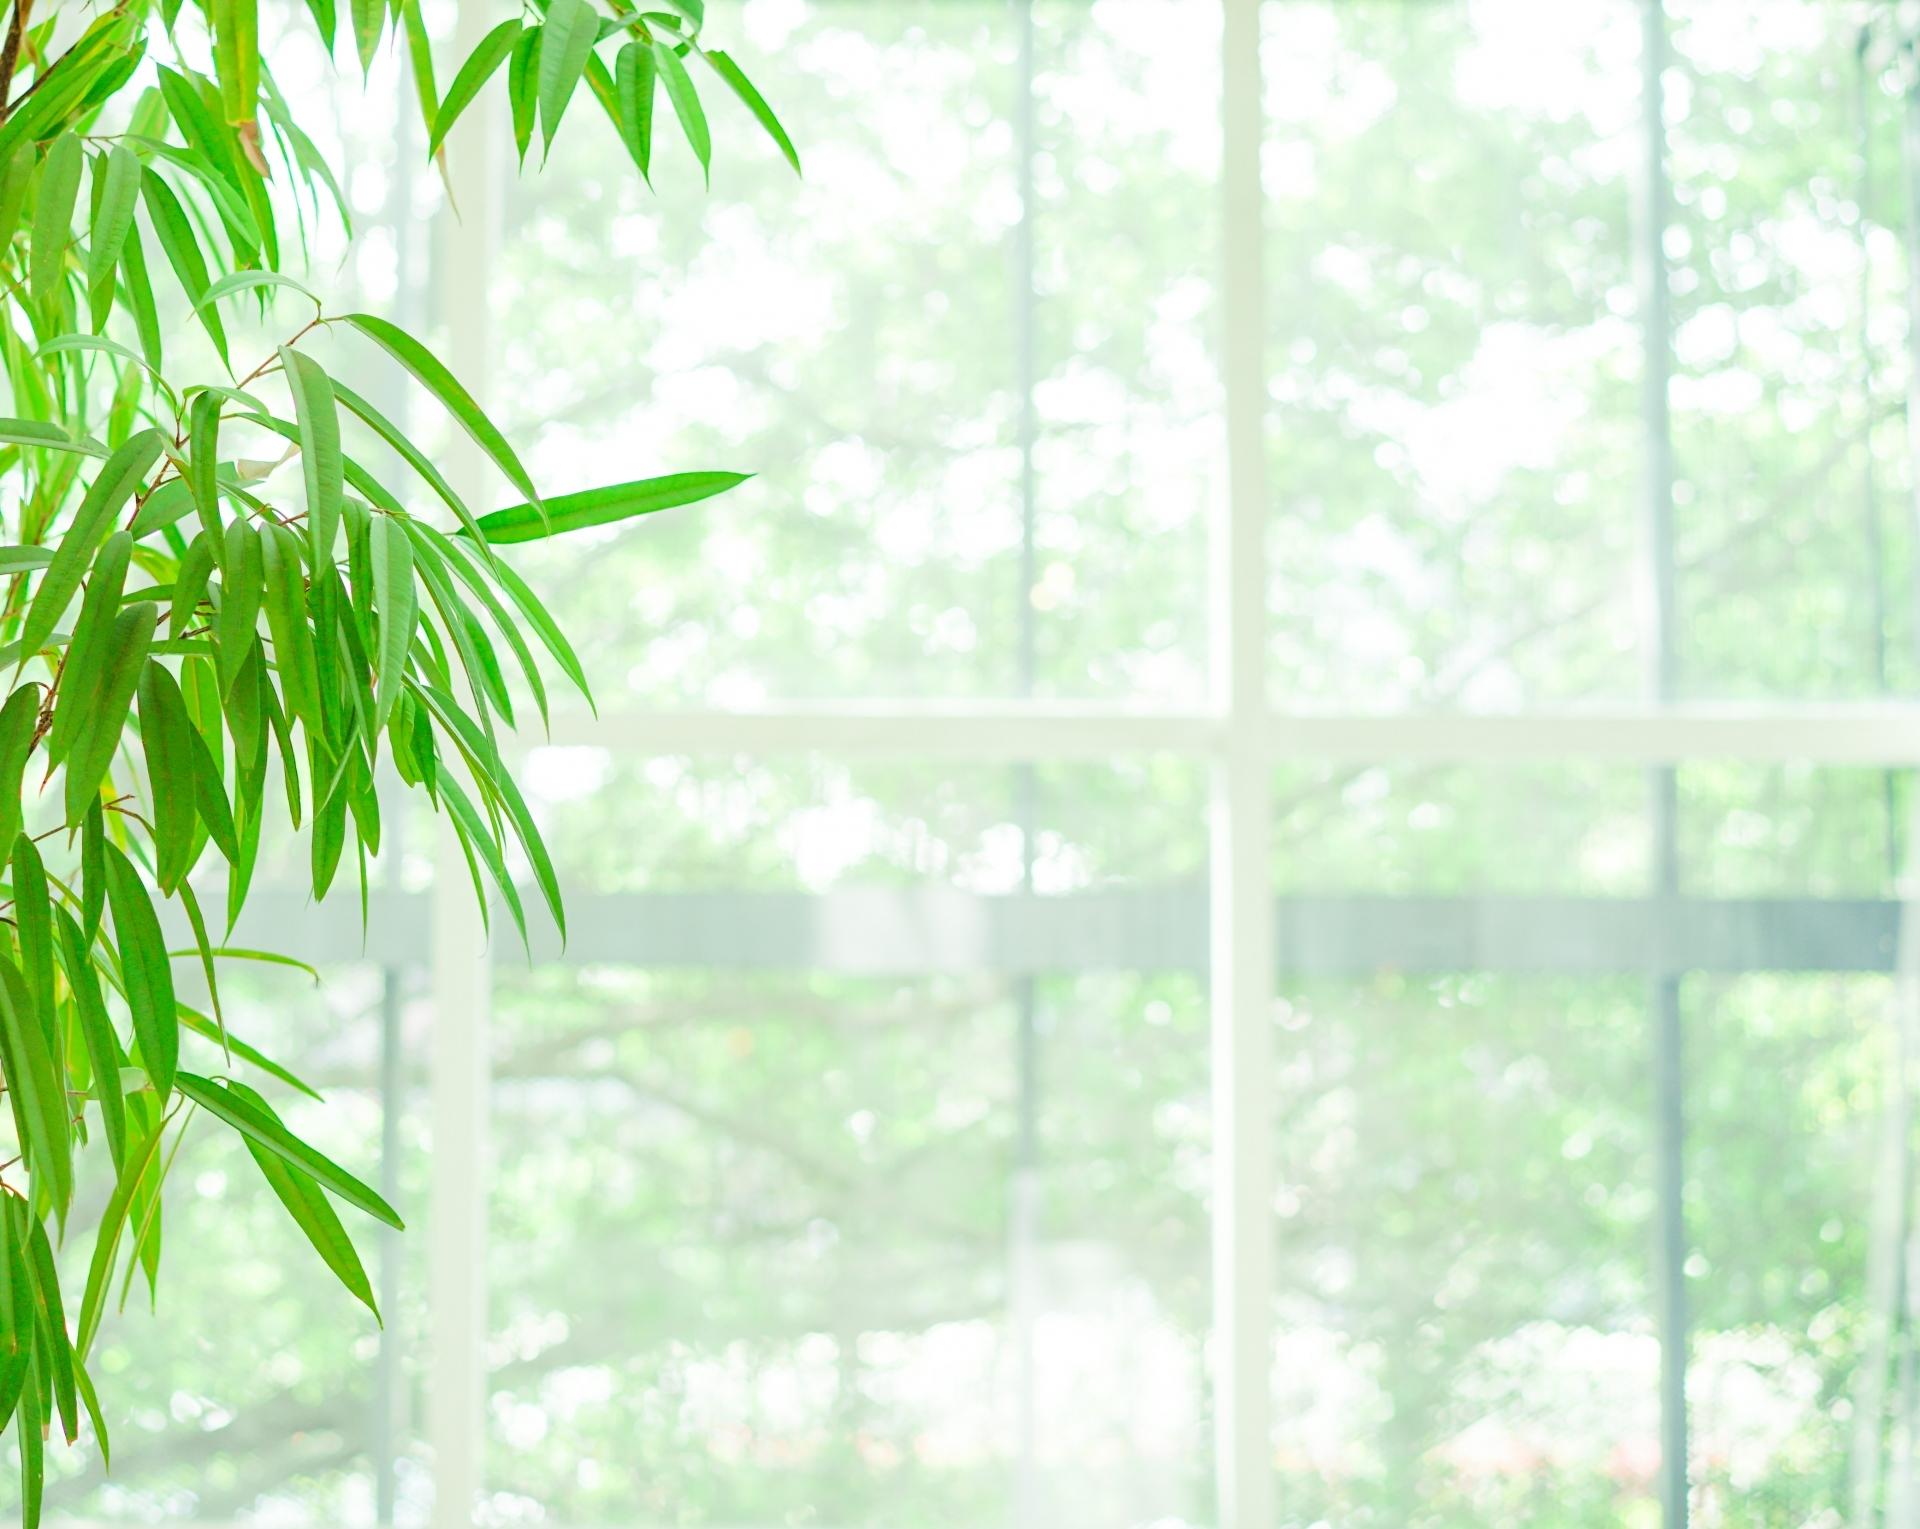 グリーンカーテンにできる植物10選!ヘチマやきゅうり以外のおすすめは?